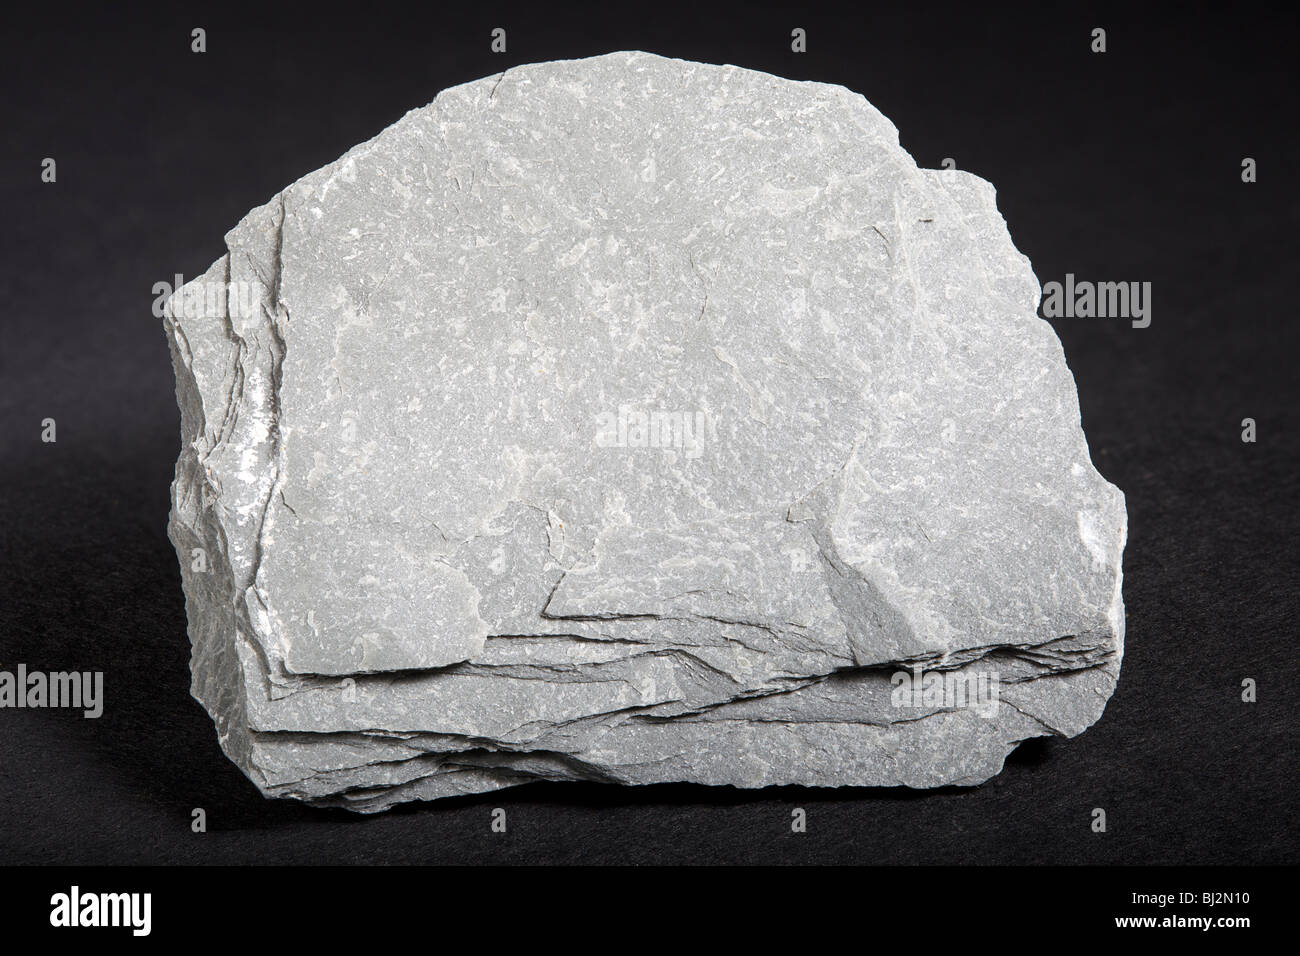 Slate (Metamorphic Rock) - Stock Image